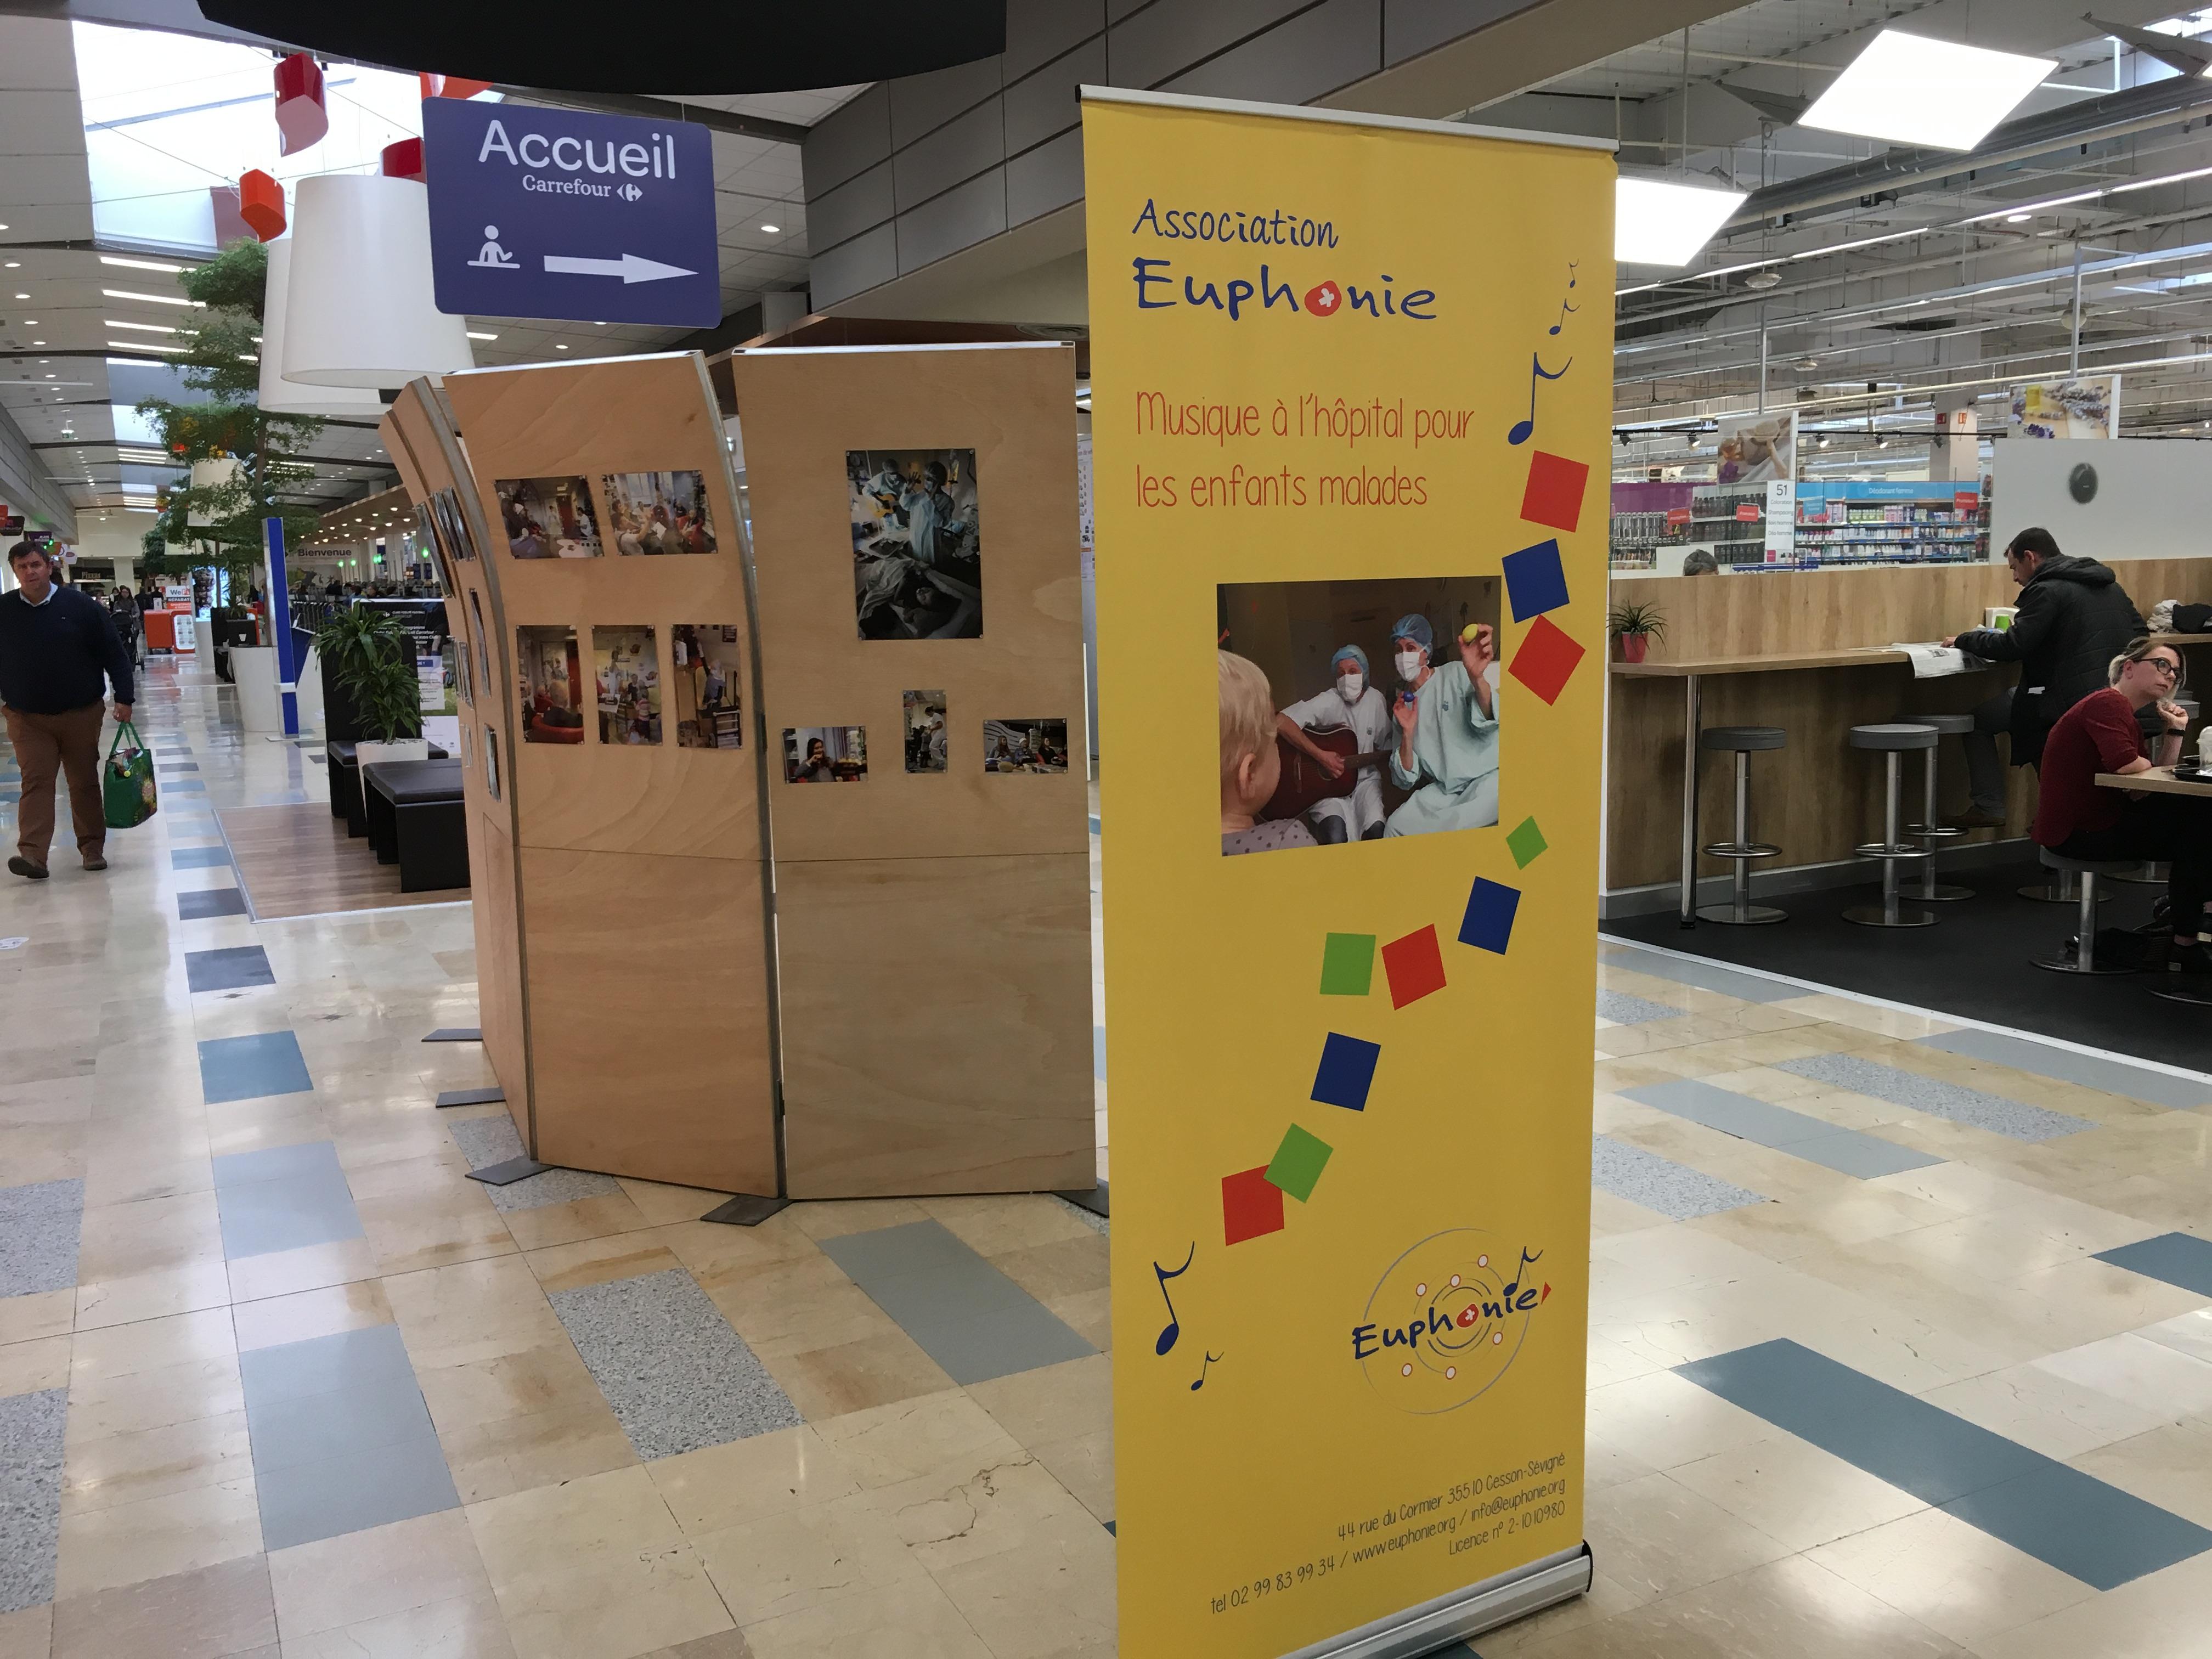 Exposition visuelle dans la galerie de Carrefour Cesson-Sévigné